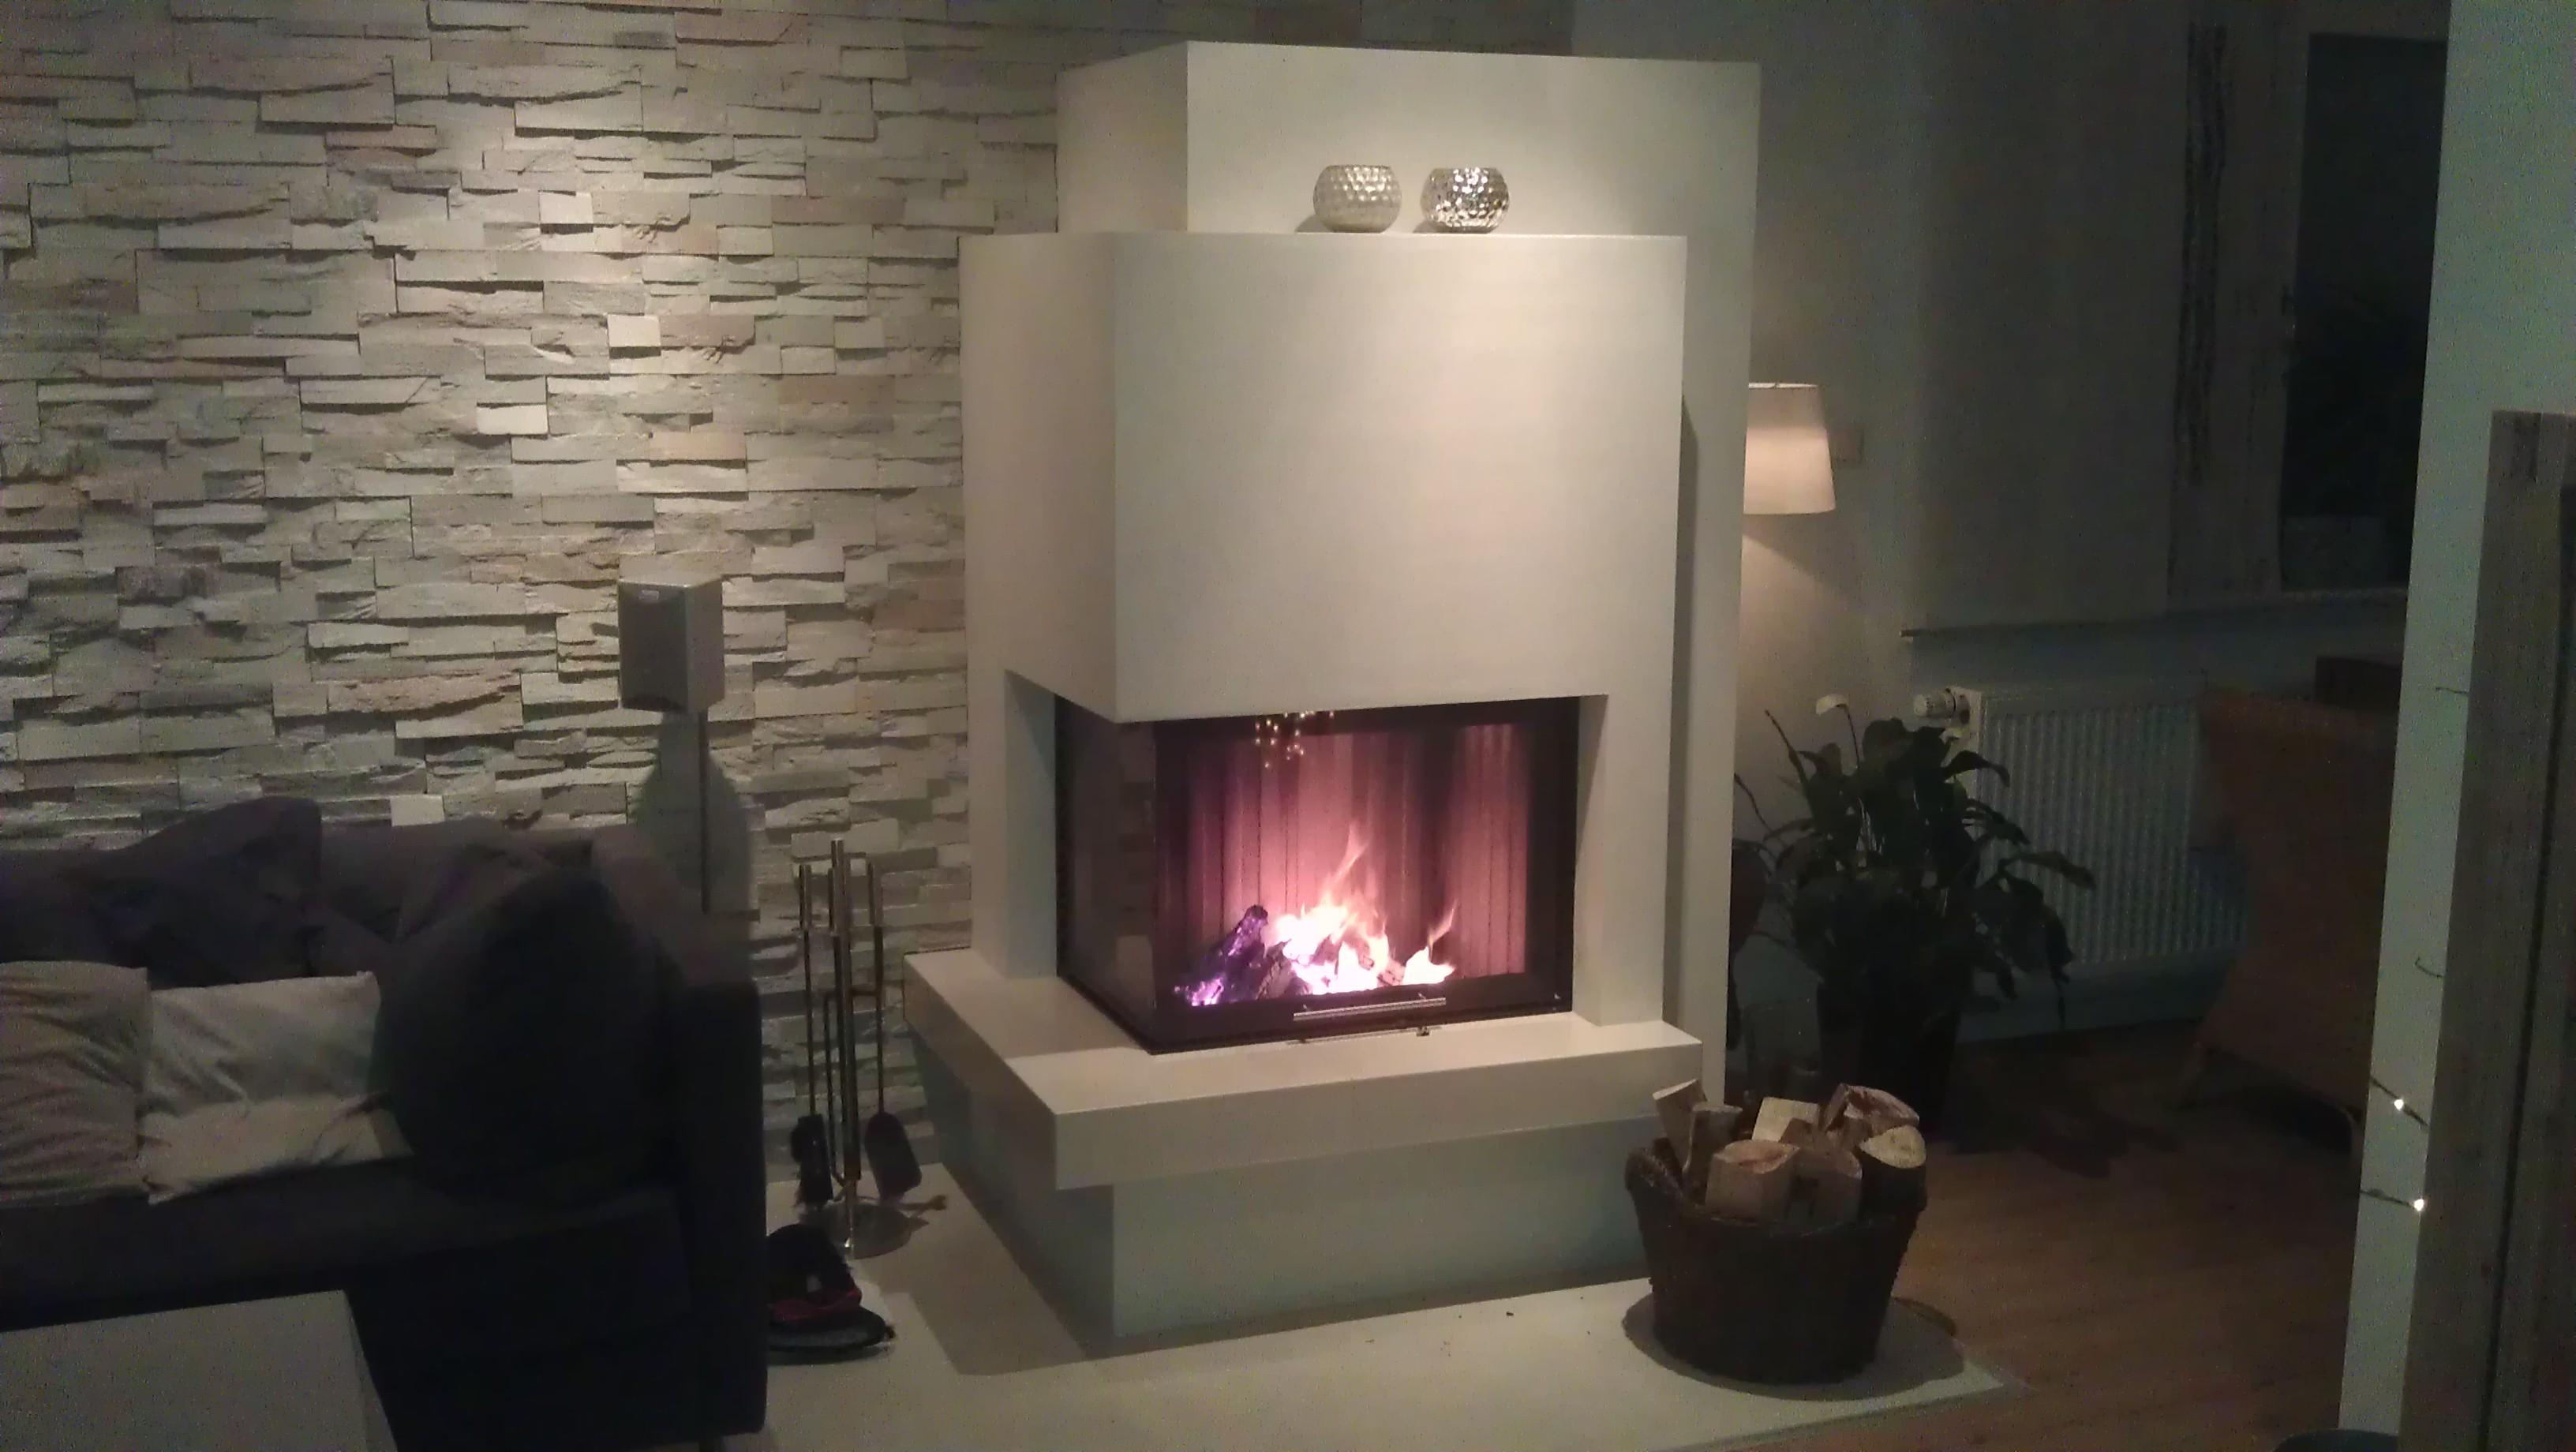 referenzen gudde kamin und kachelofenbau auch in bremen. Black Bedroom Furniture Sets. Home Design Ideas